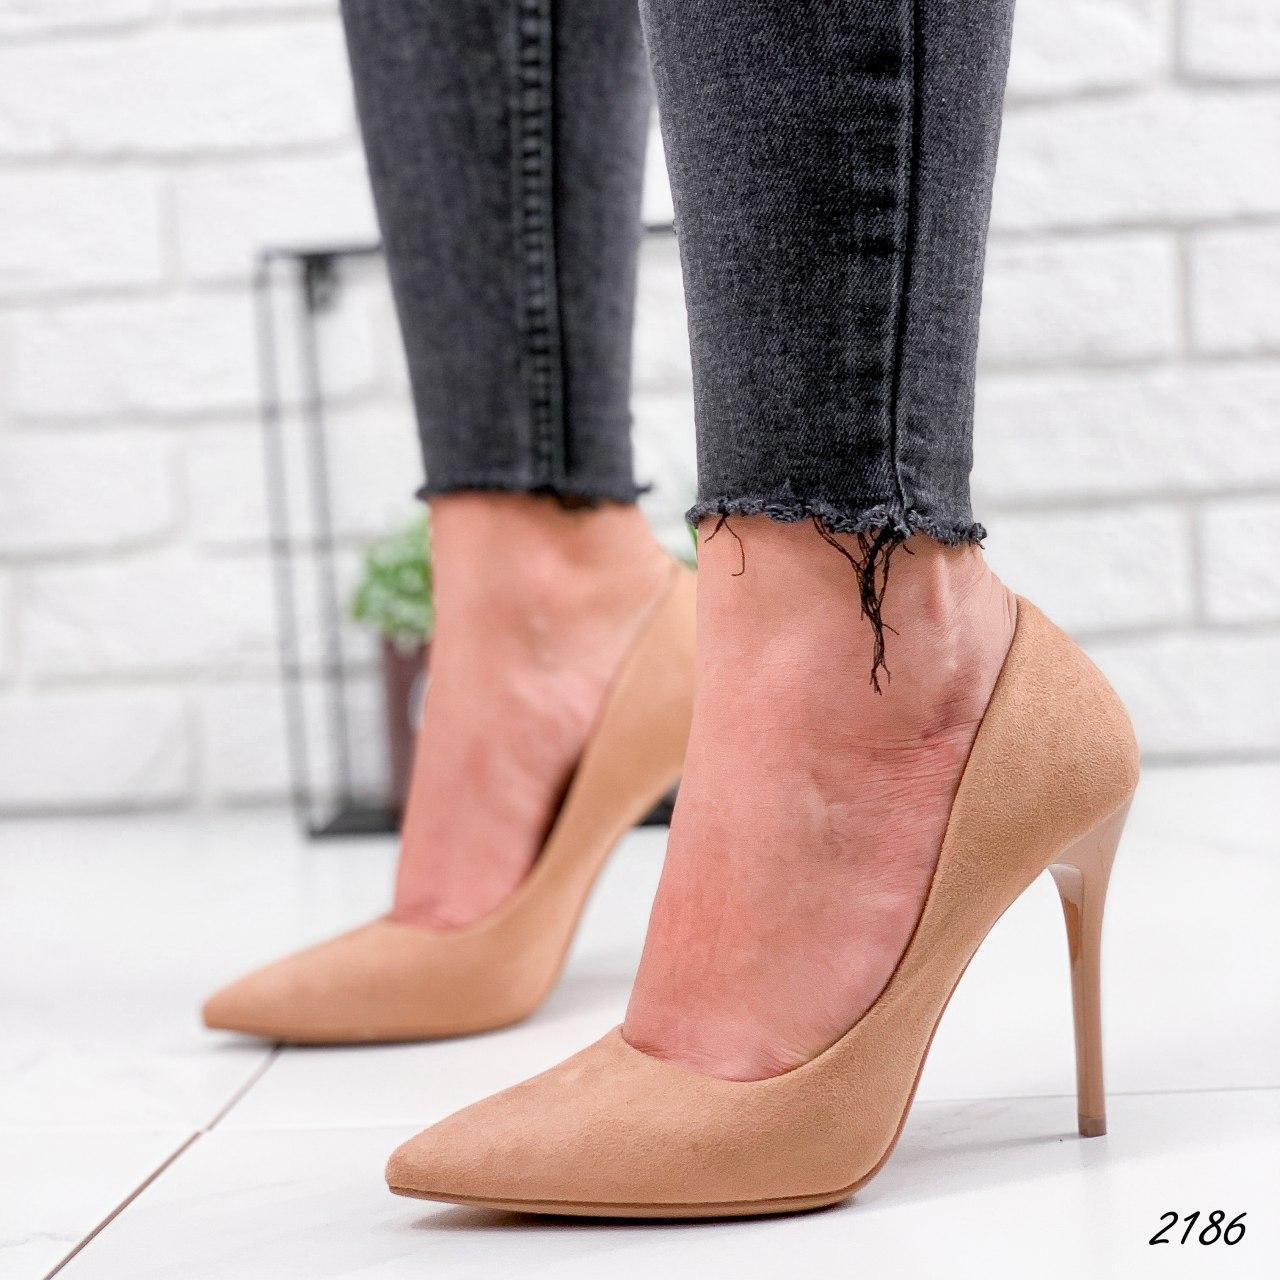 Туфли женские бежевые на каблуке из эко замши. Туфлі жіночі бежеві на підборах з еко замші